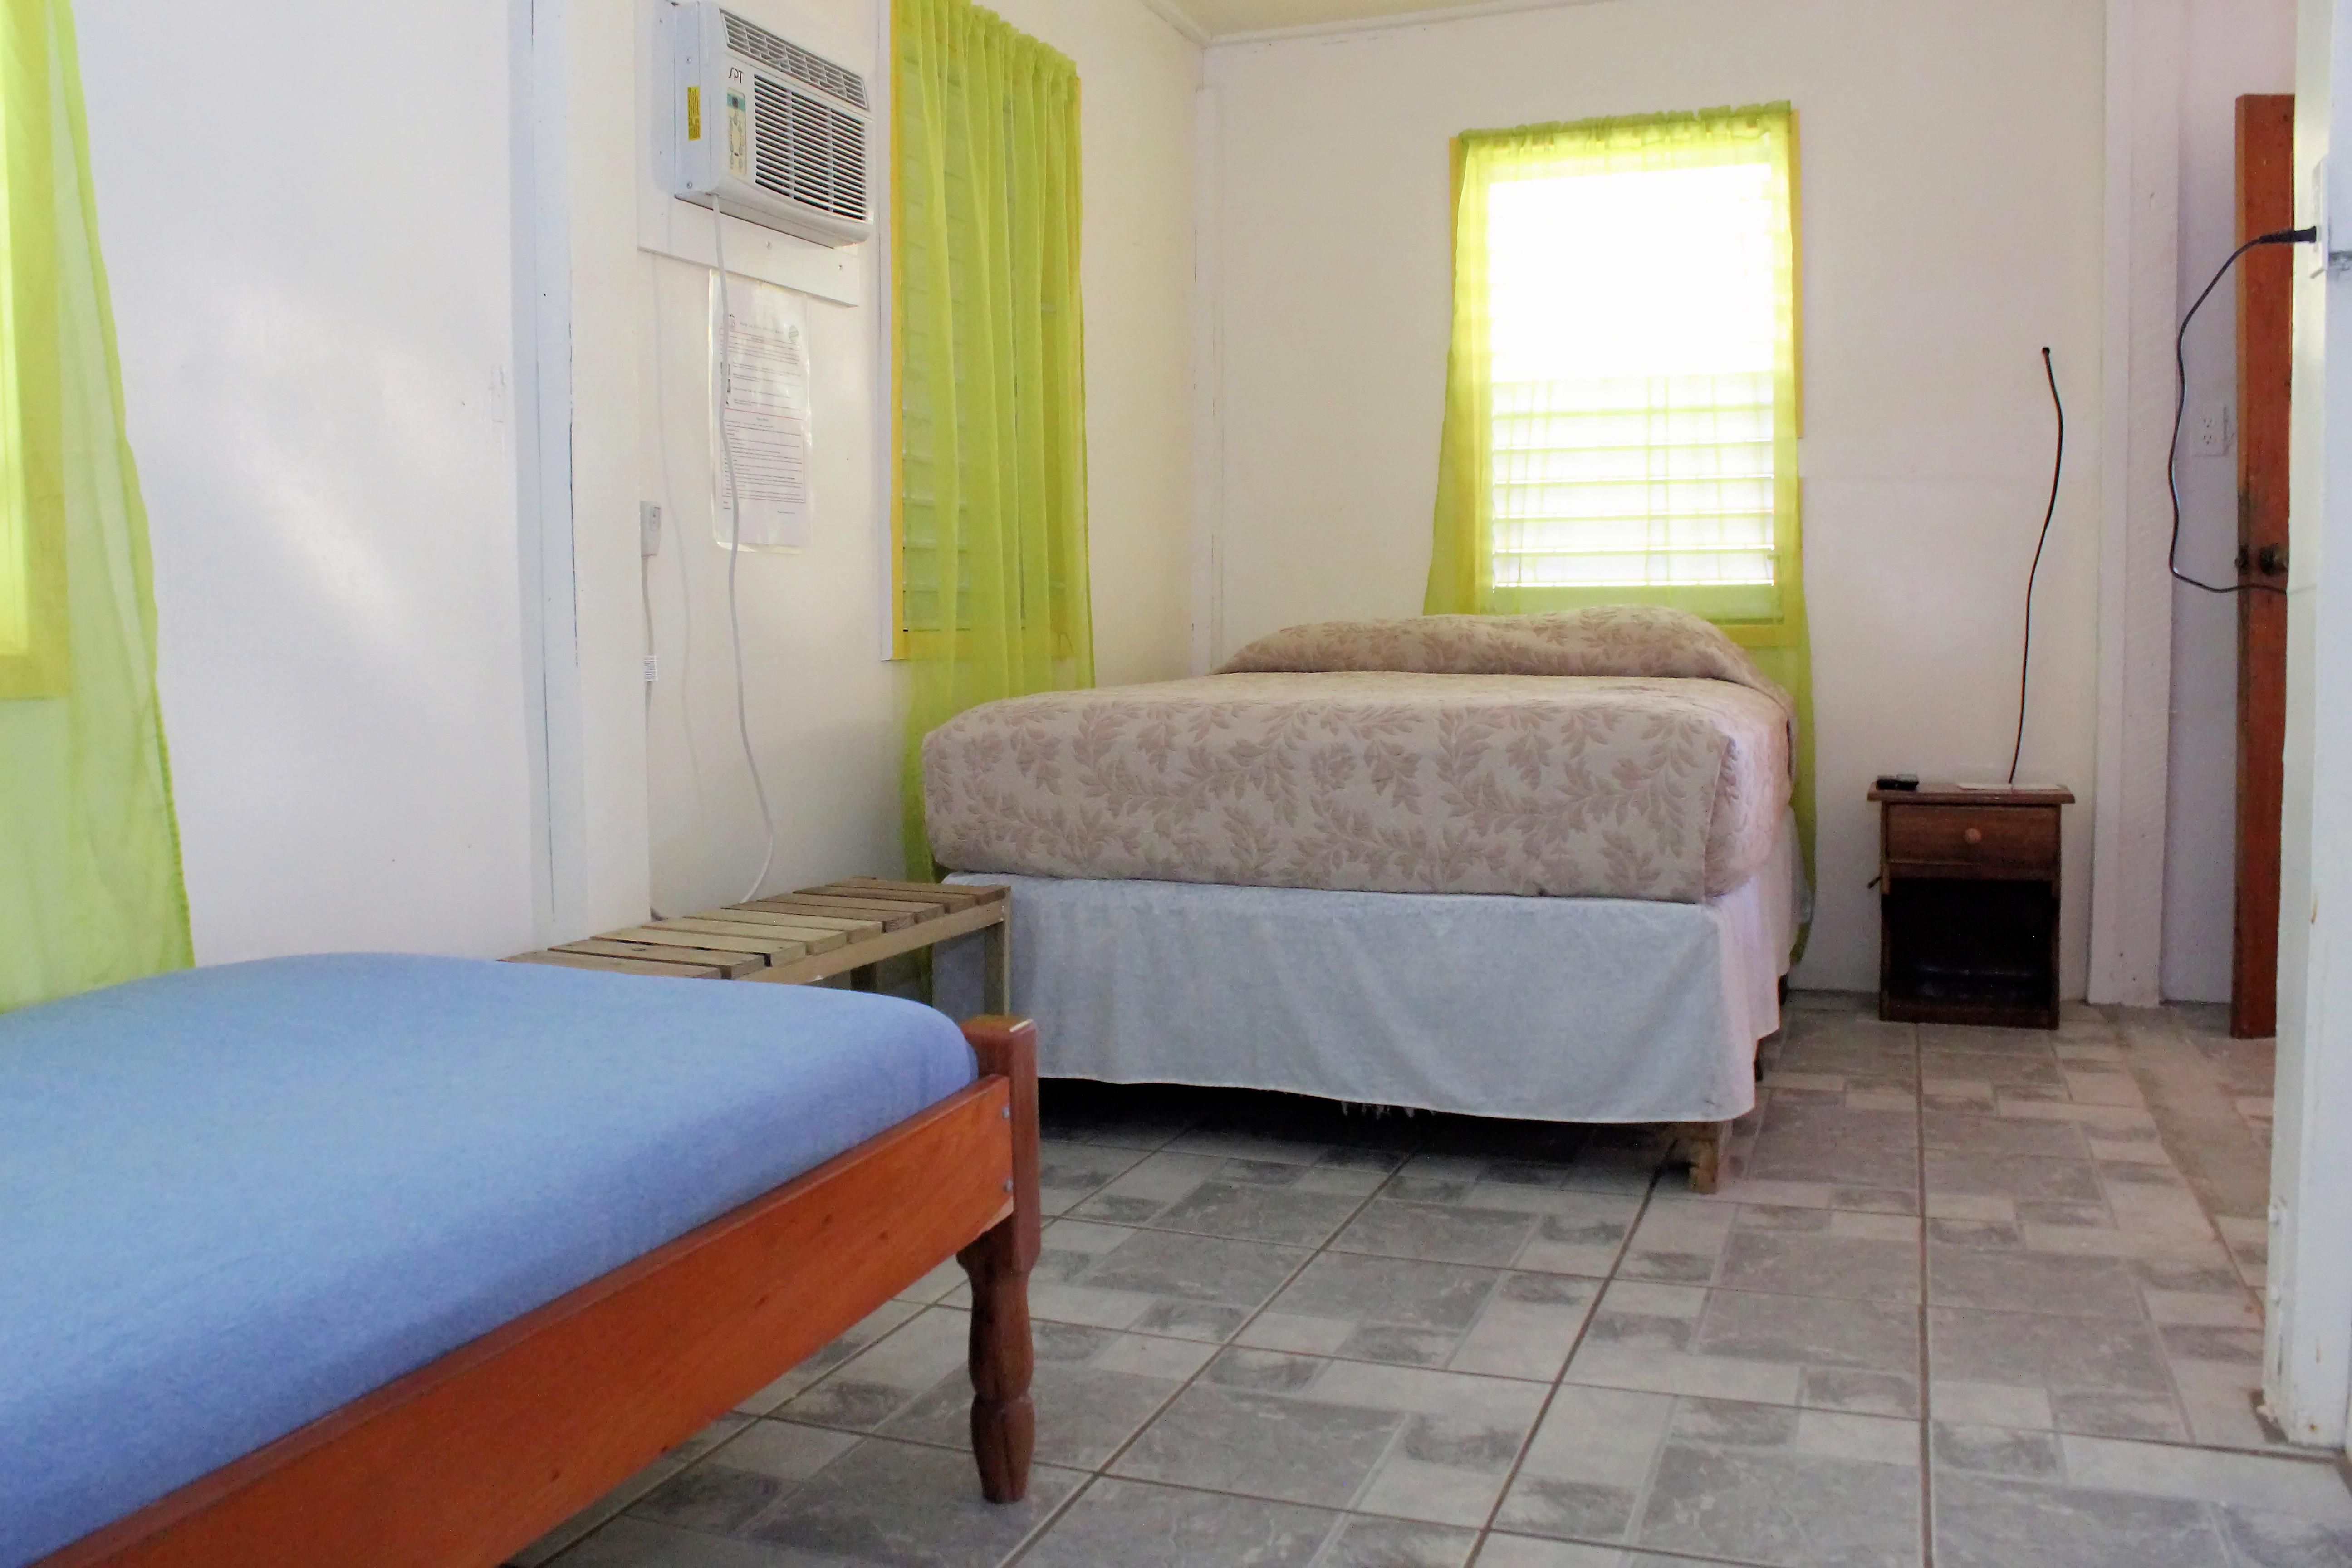 #2 Beds 3